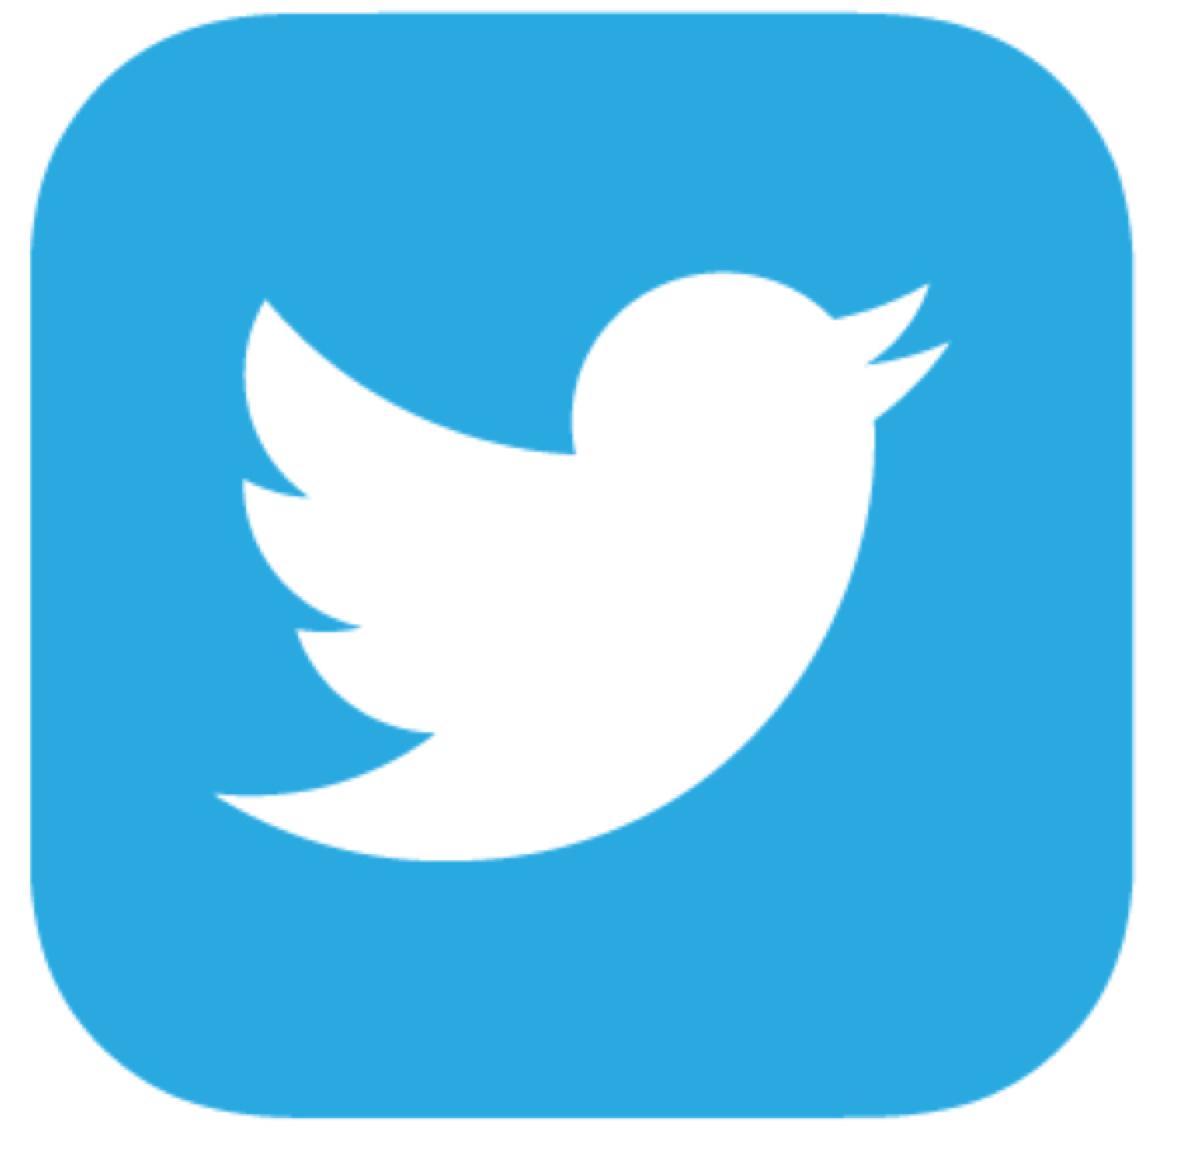 Follow SH20 on Twitter